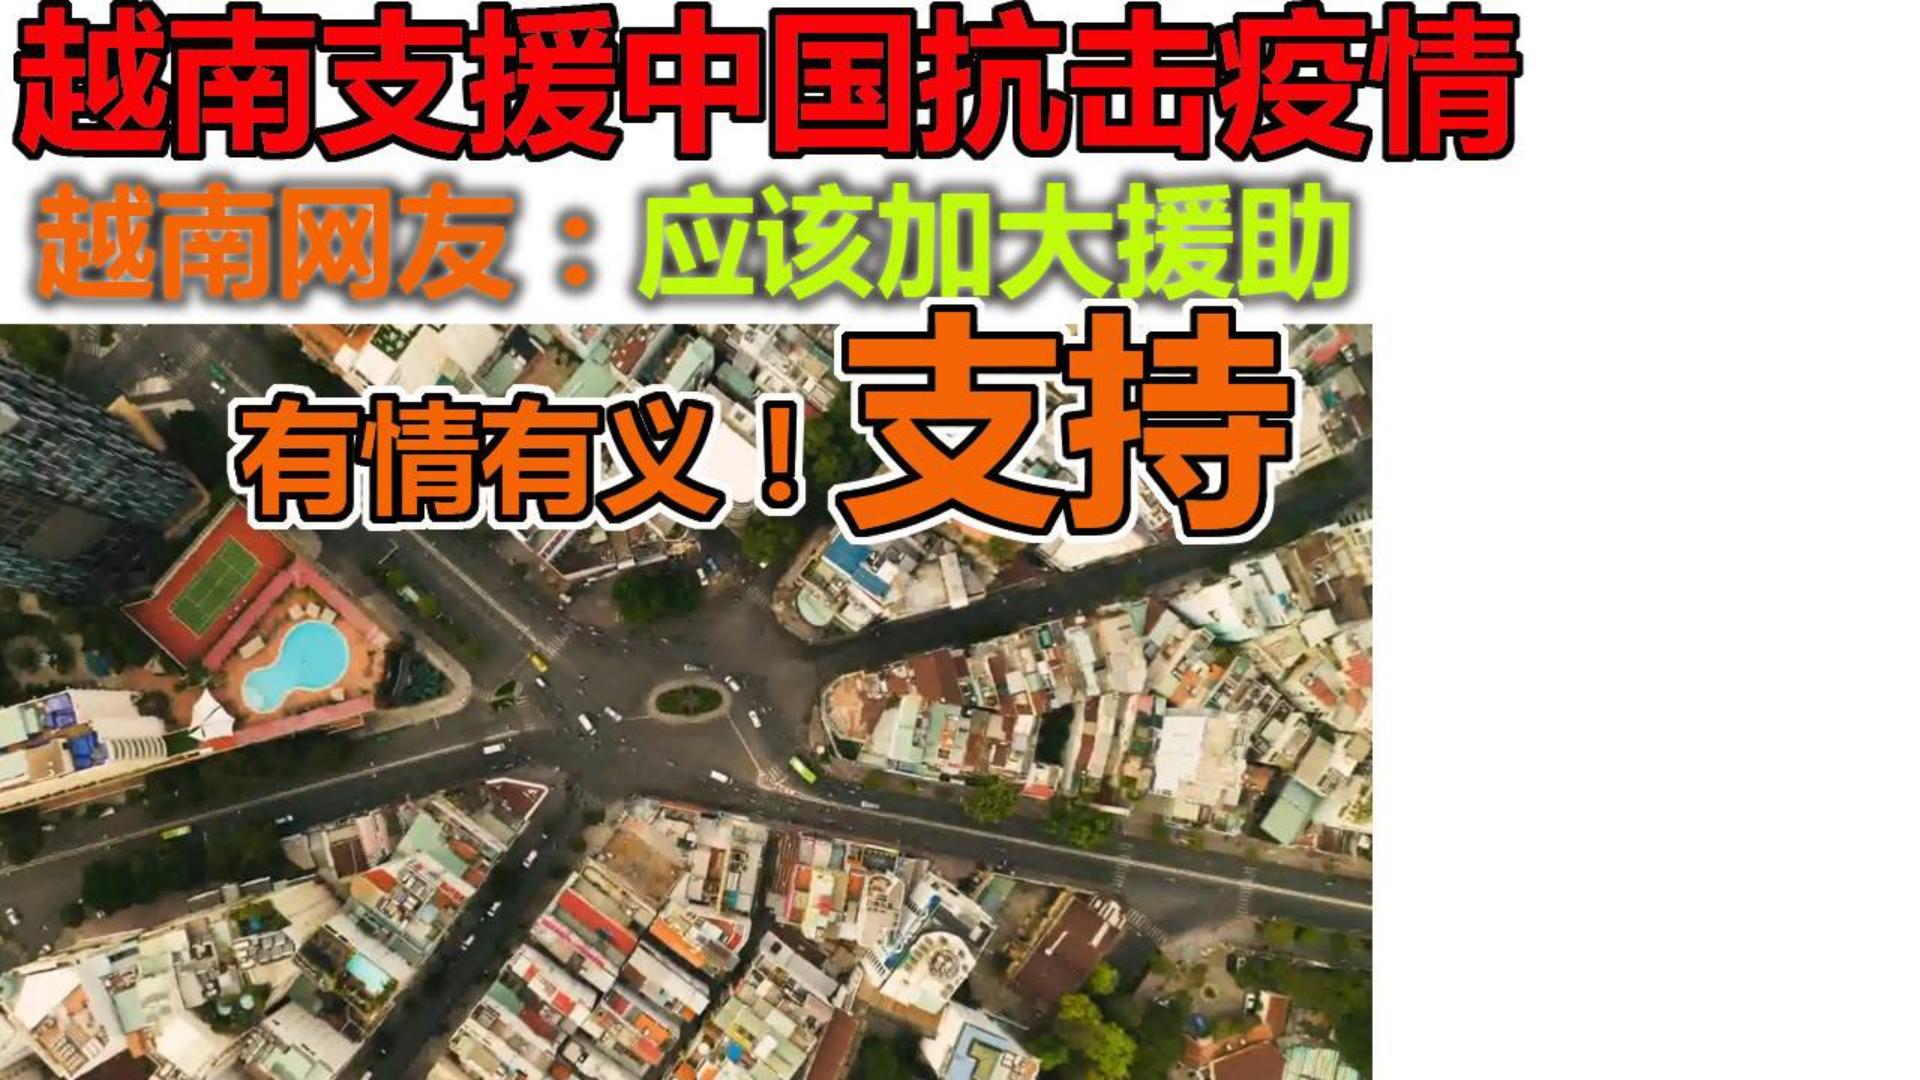 越南支援中国抗击疫情 越南网友:支持,应该加大援助